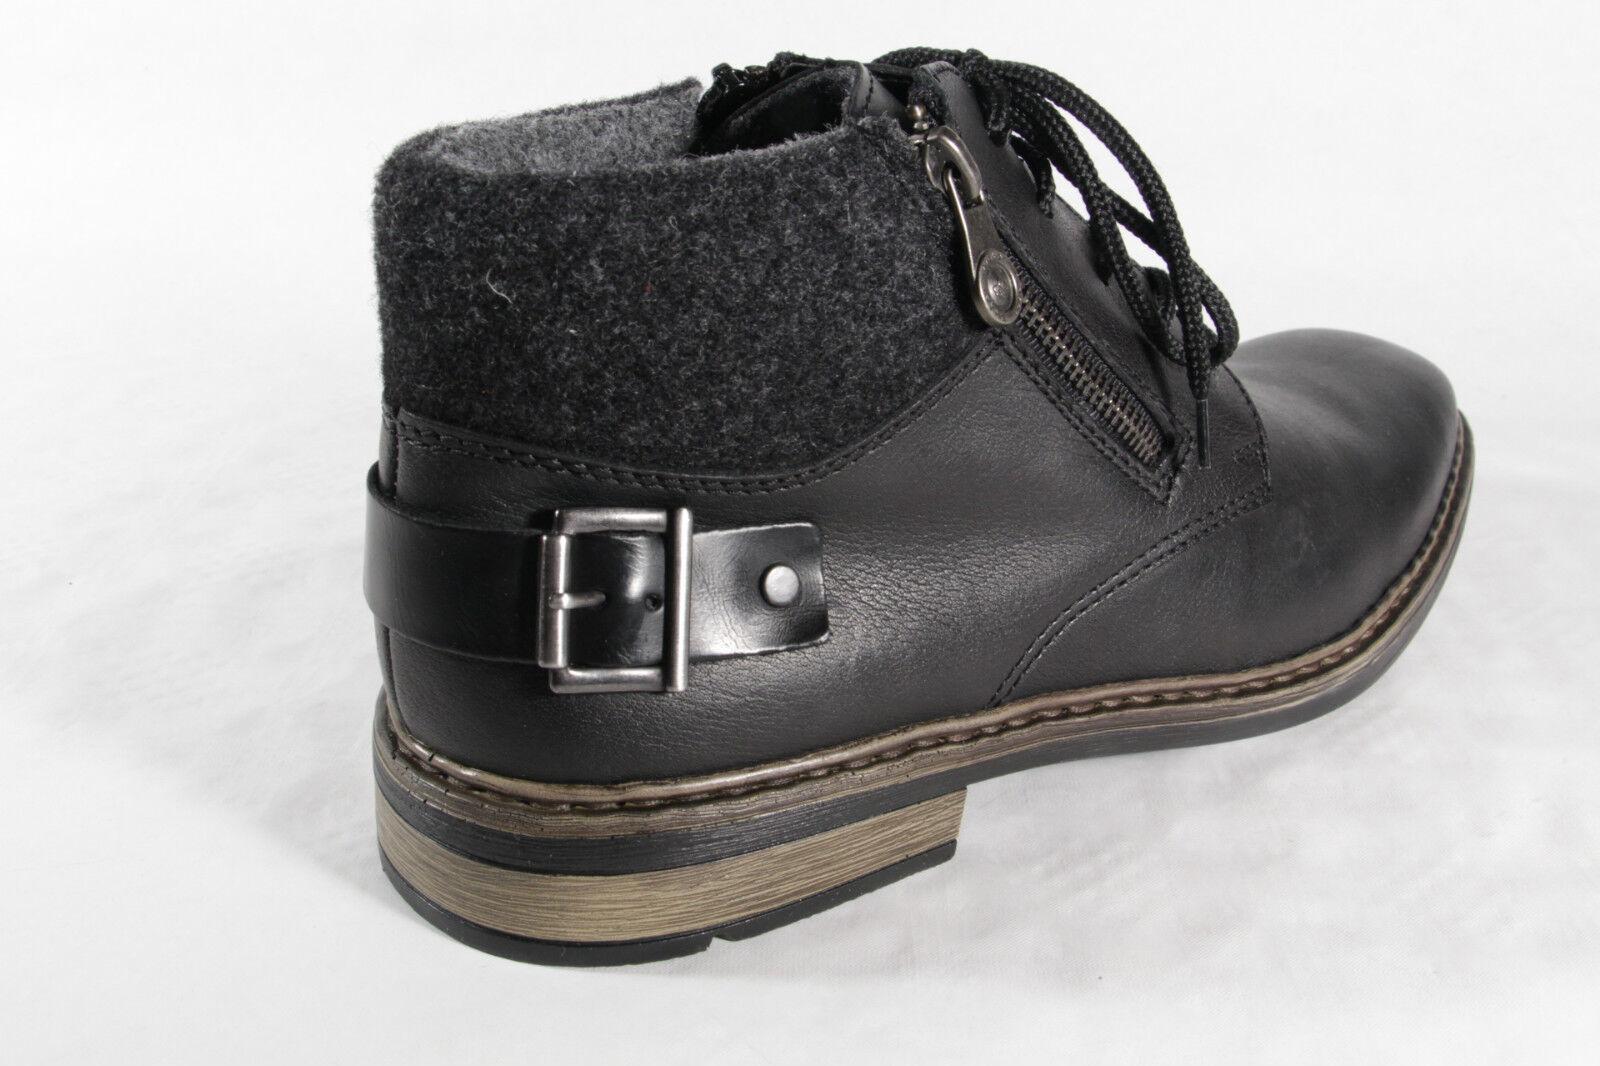 Rieker Botas De Hombre F1230 F1230 F1230 Botines botas de invierno, negro, piel NUEVO 718485